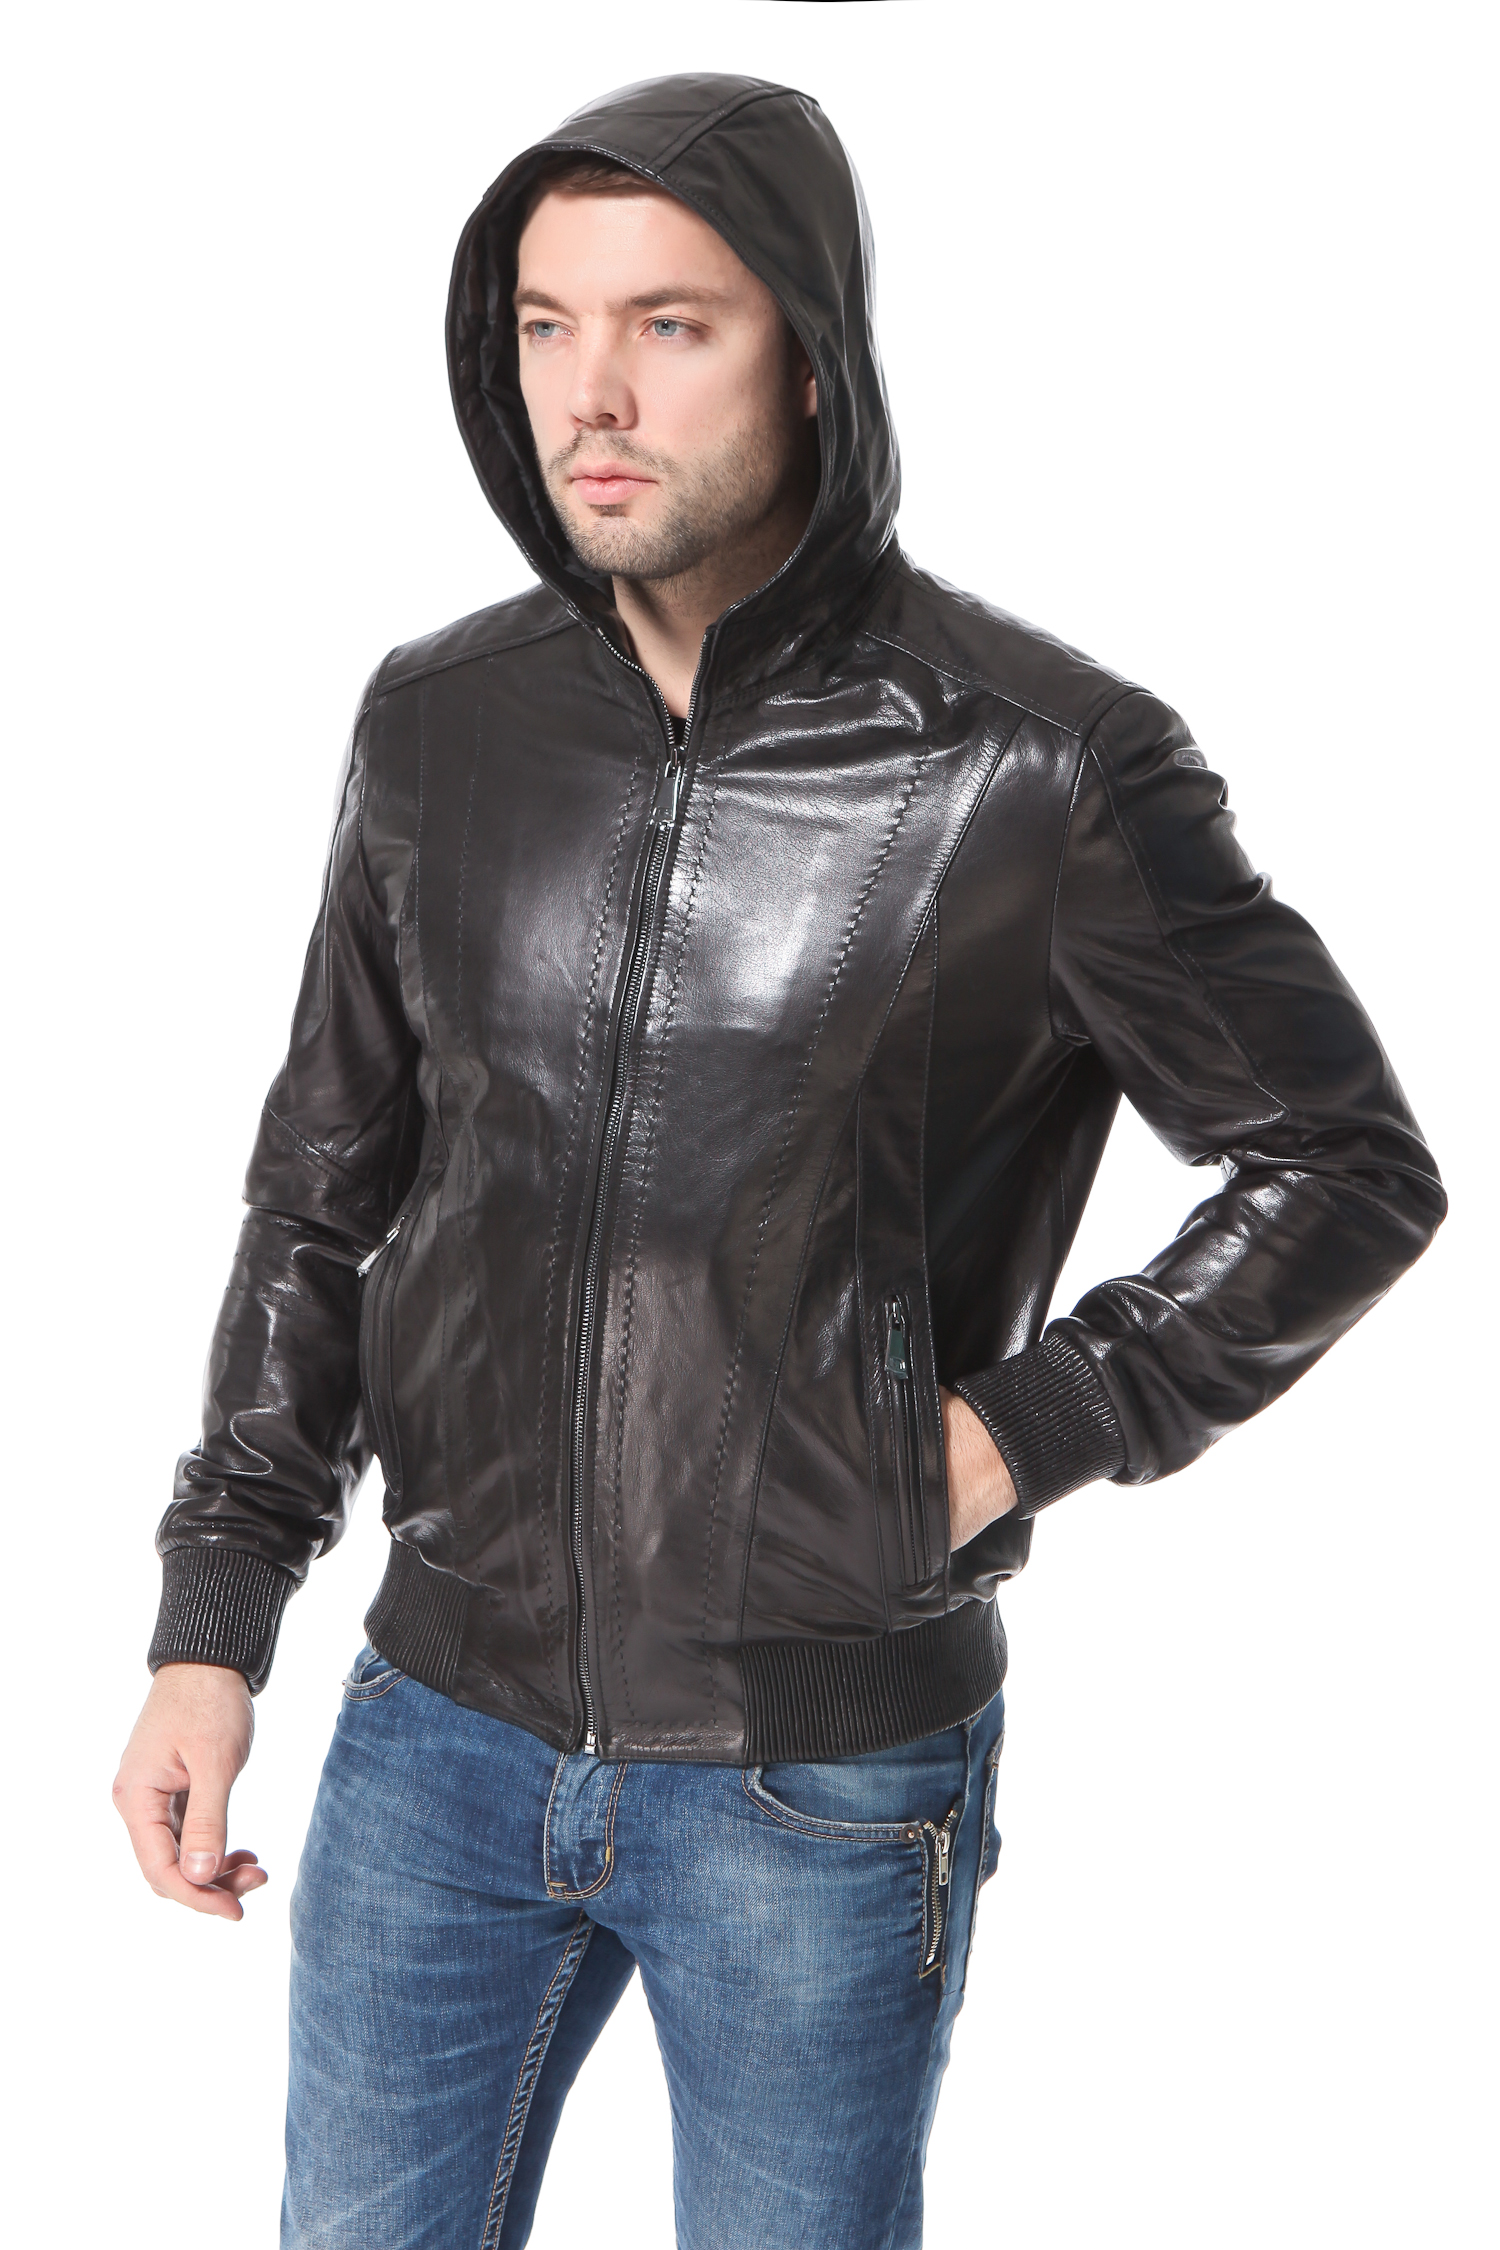 Мужская кожаная куртка из натуральной кожи с капюшономЦвет  кремний.<br><br>Продолжают пользоваться успехом спортивные модели  бомберы. Актуальность фасона держится уже несколько лет. Плотная резинка в области бедер и на манжетах позволит чувствовать себя уютно и комфортно. Аккуратный капюшон делает модель более мобильной. Отстрочка изделия выполнена капроновой нитью в тон кожи модным стежком punto. Два боковых кармана с металлическими молниями позволят держать под рукой все необходимое. Модель высоко оценят мужчины, любящие динамичность движений, удобство и комфорт.<br><br>Воротник: капюшон<br>Длина см: Короткая (51-74 )<br>Материал: Кожа овчина<br>Цвет: черный<br>Вид застежки: центральная<br>Застежка: на молнии<br>Пол: Мужской<br>Размер RU: 48